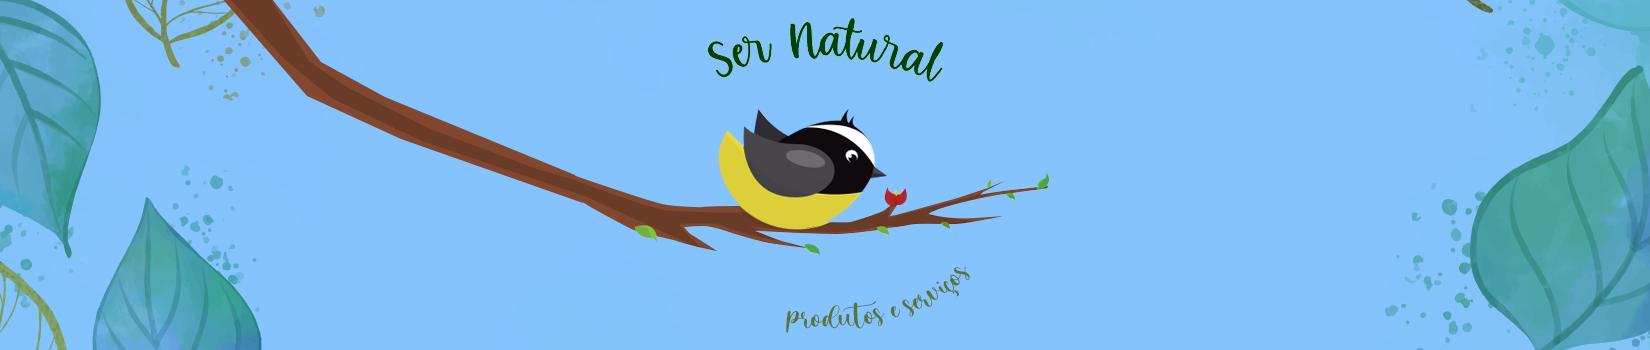 Ser Natural Produtos e Serviços